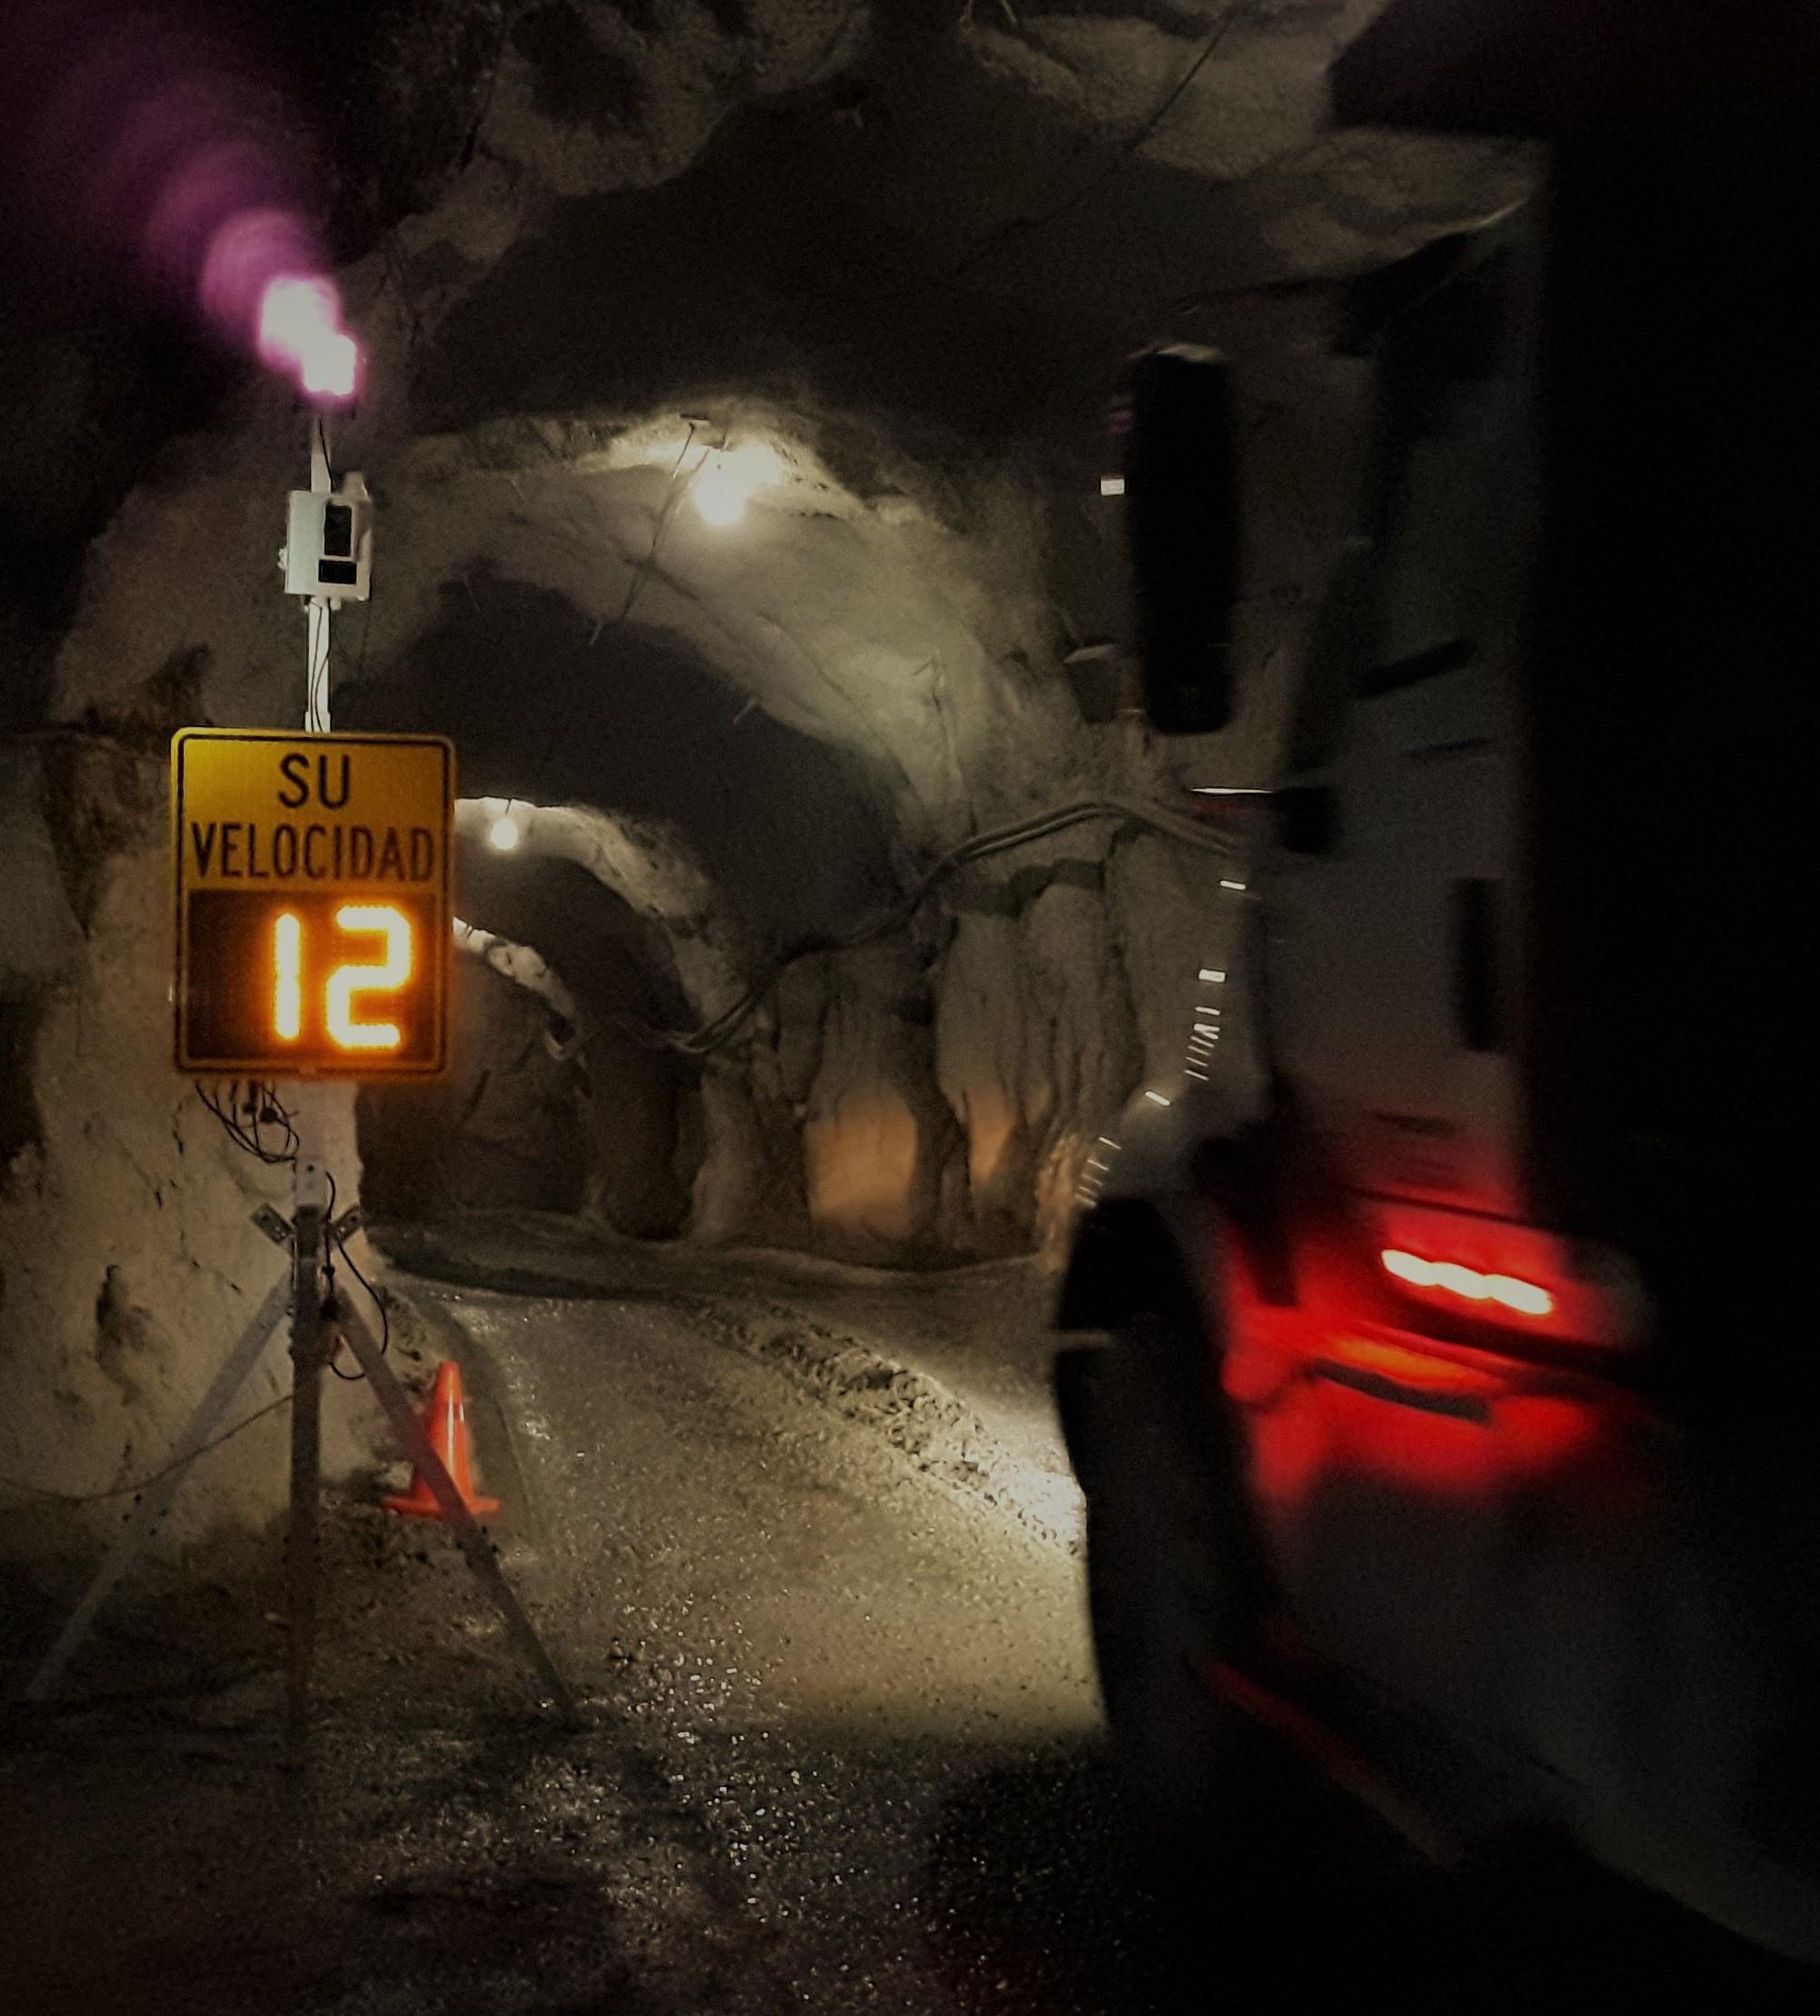 soluciones de seguridad vial para minas camión